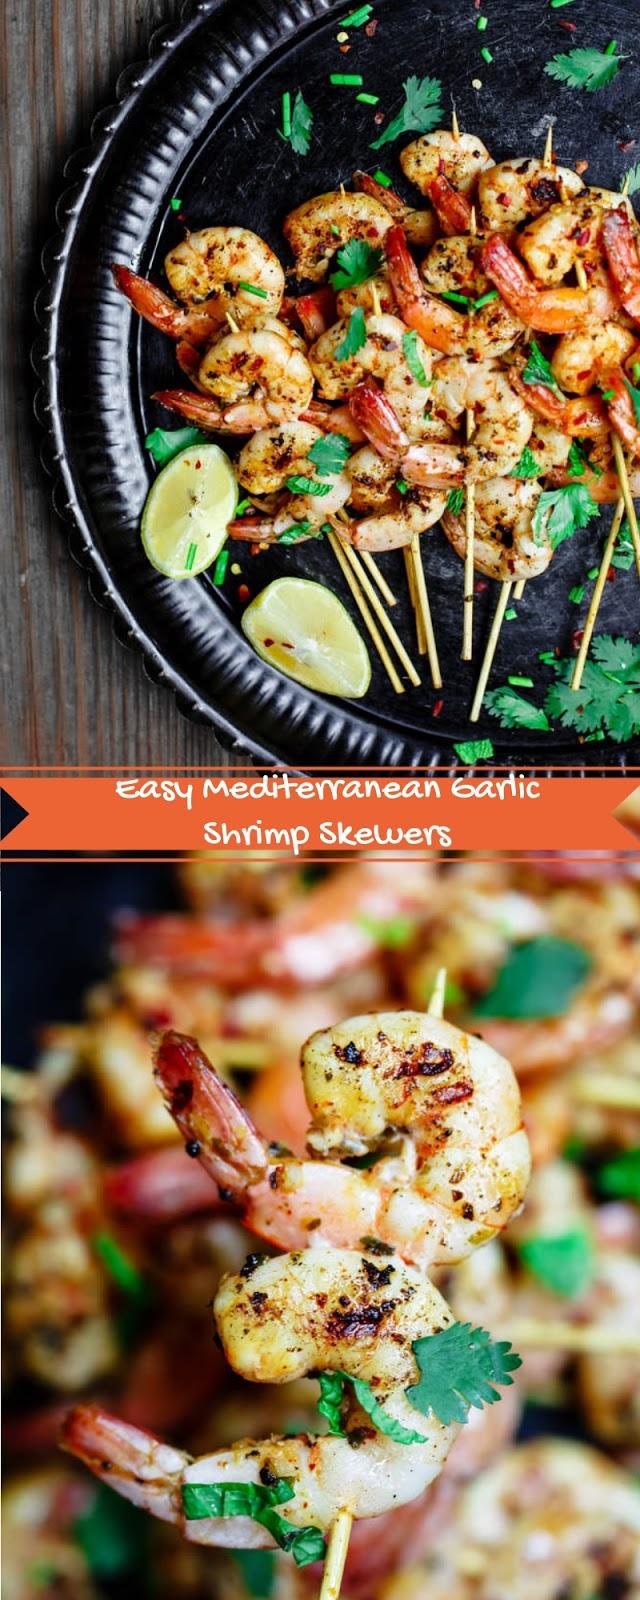 Easy Mediterranean Garlic Shrimp Skewers